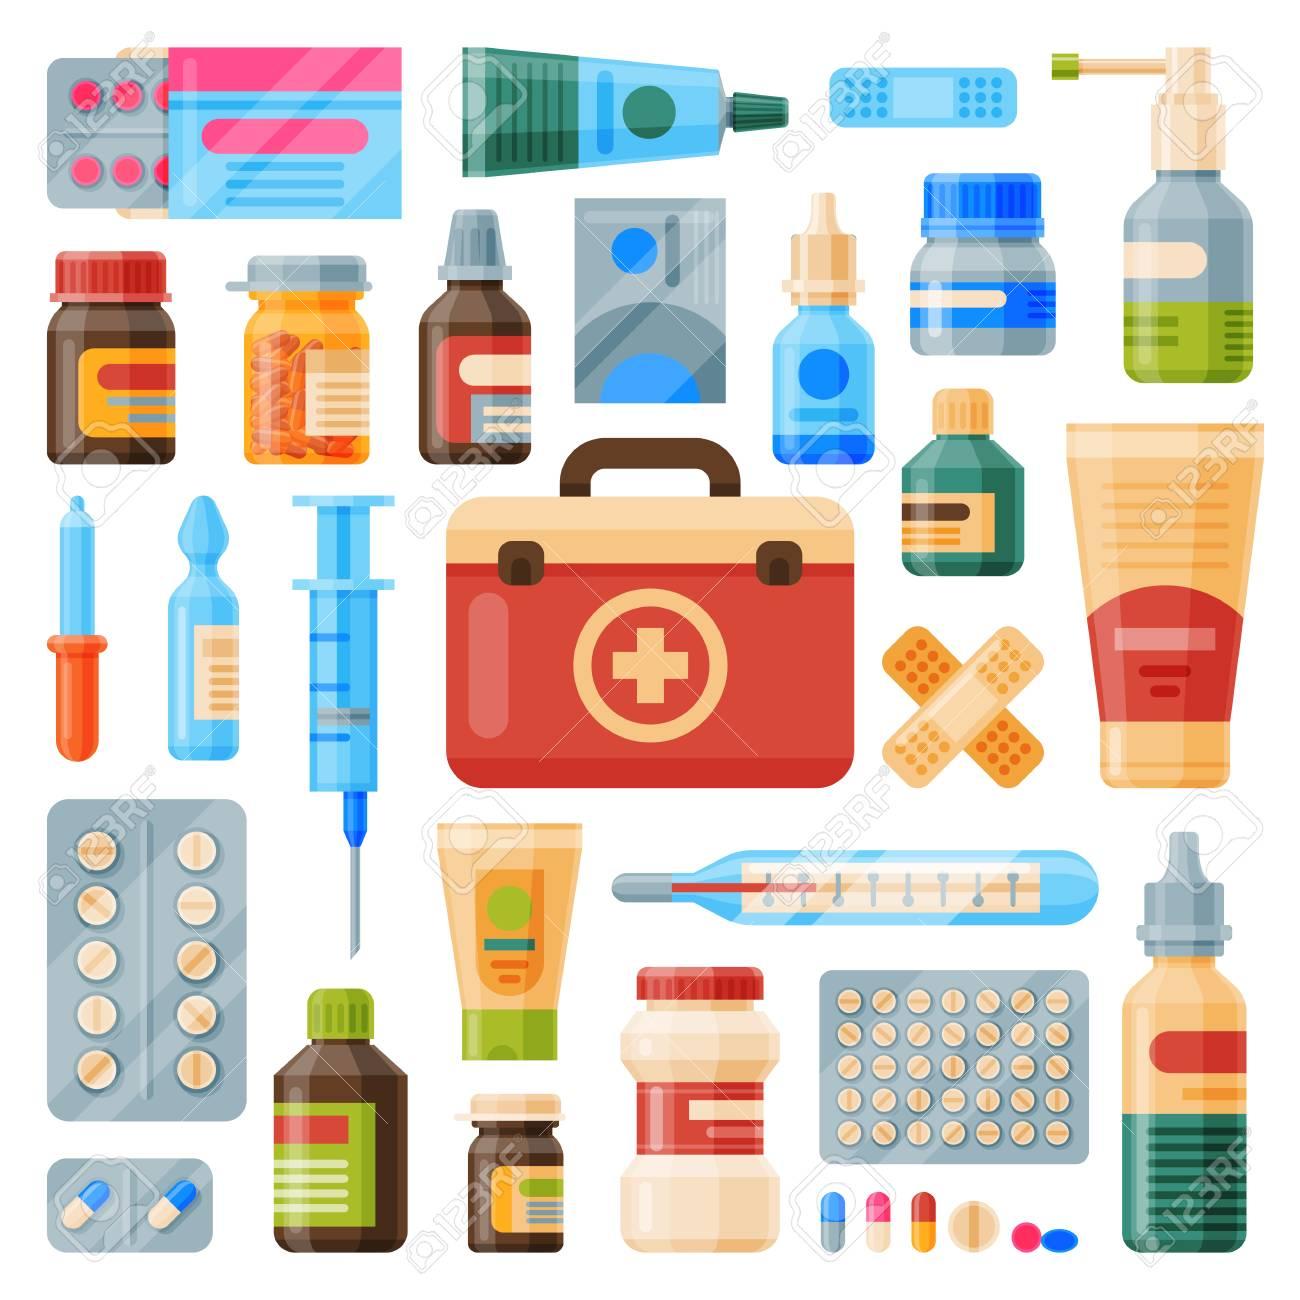 imagenes de instrumentos de primeros auxilios